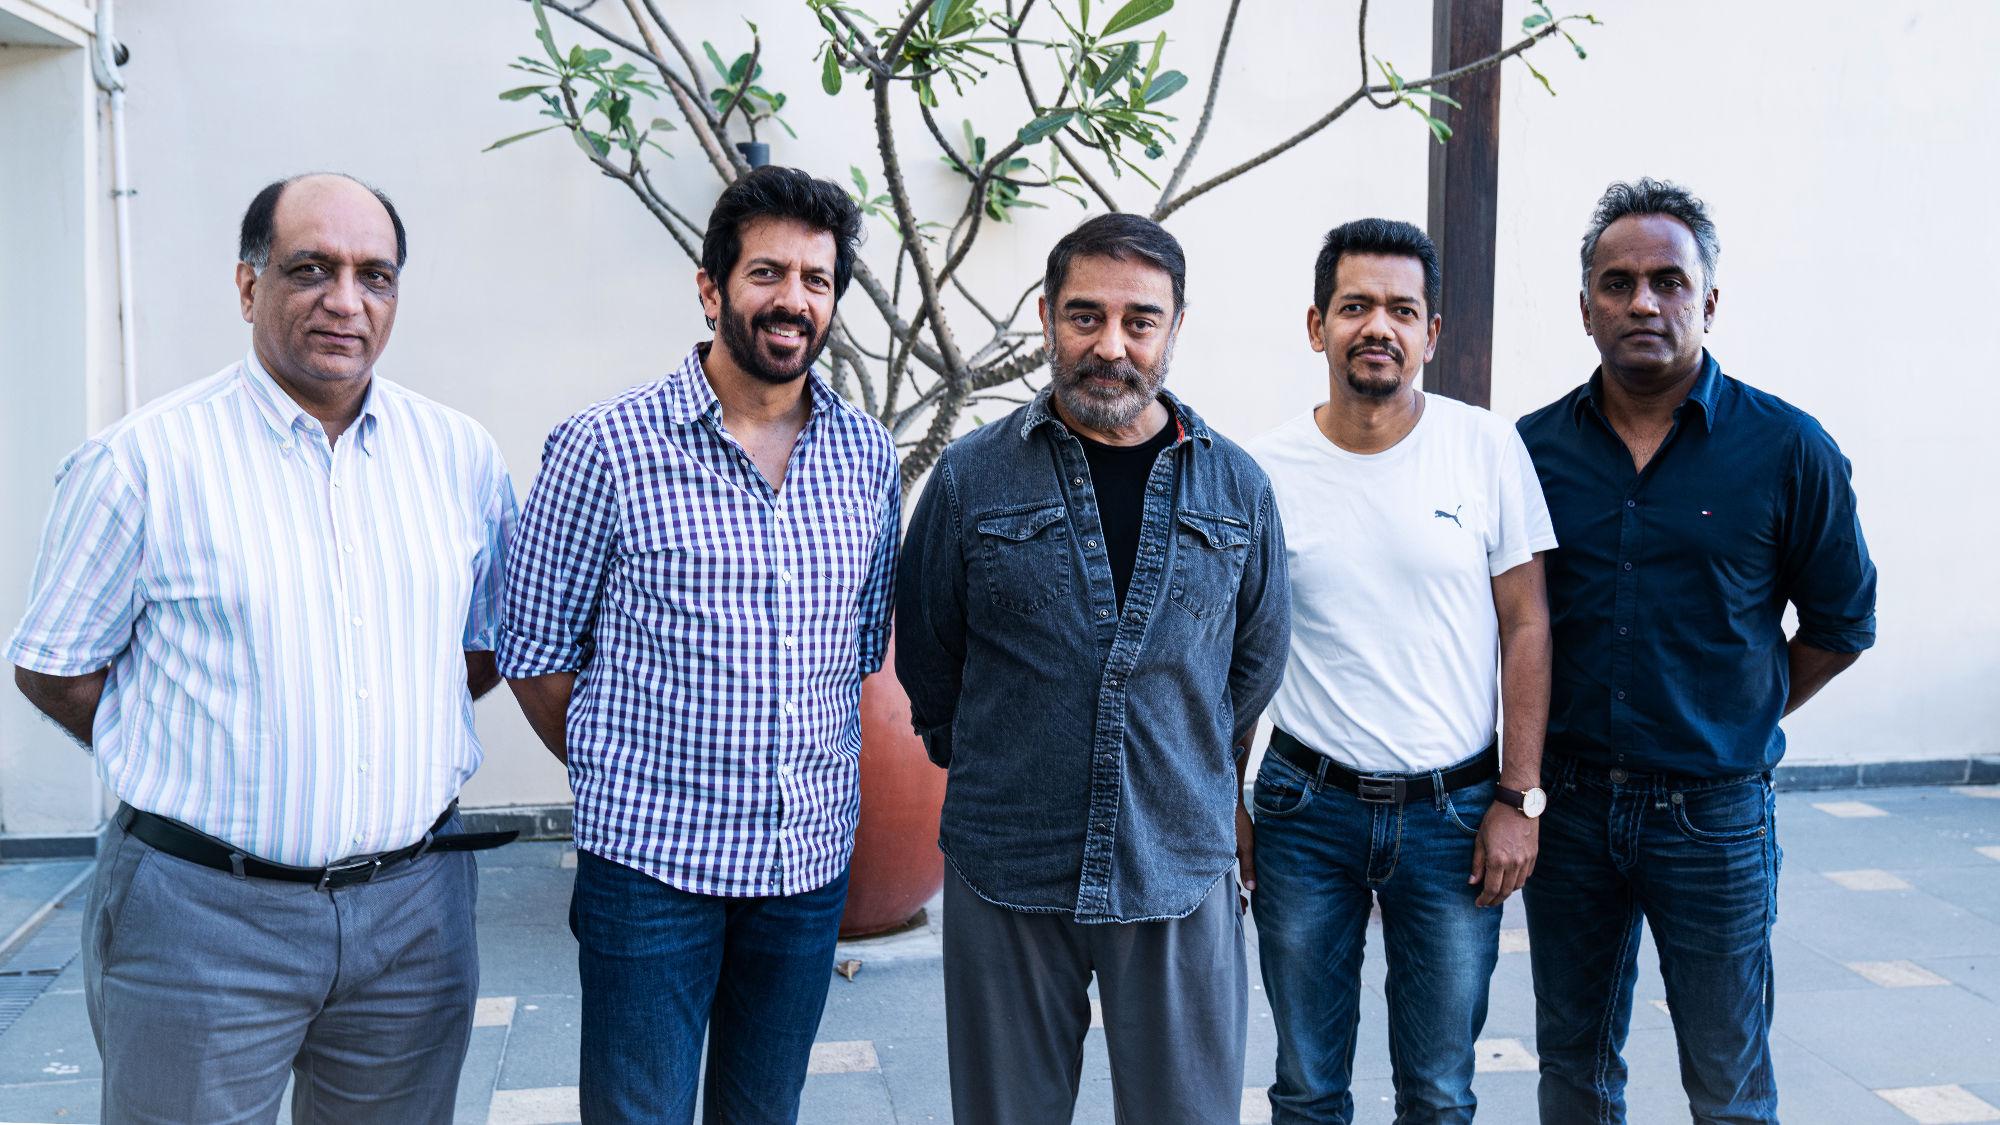 Kamal Haasan Raajkamal Films International to present the 83 Movie Tamil Version